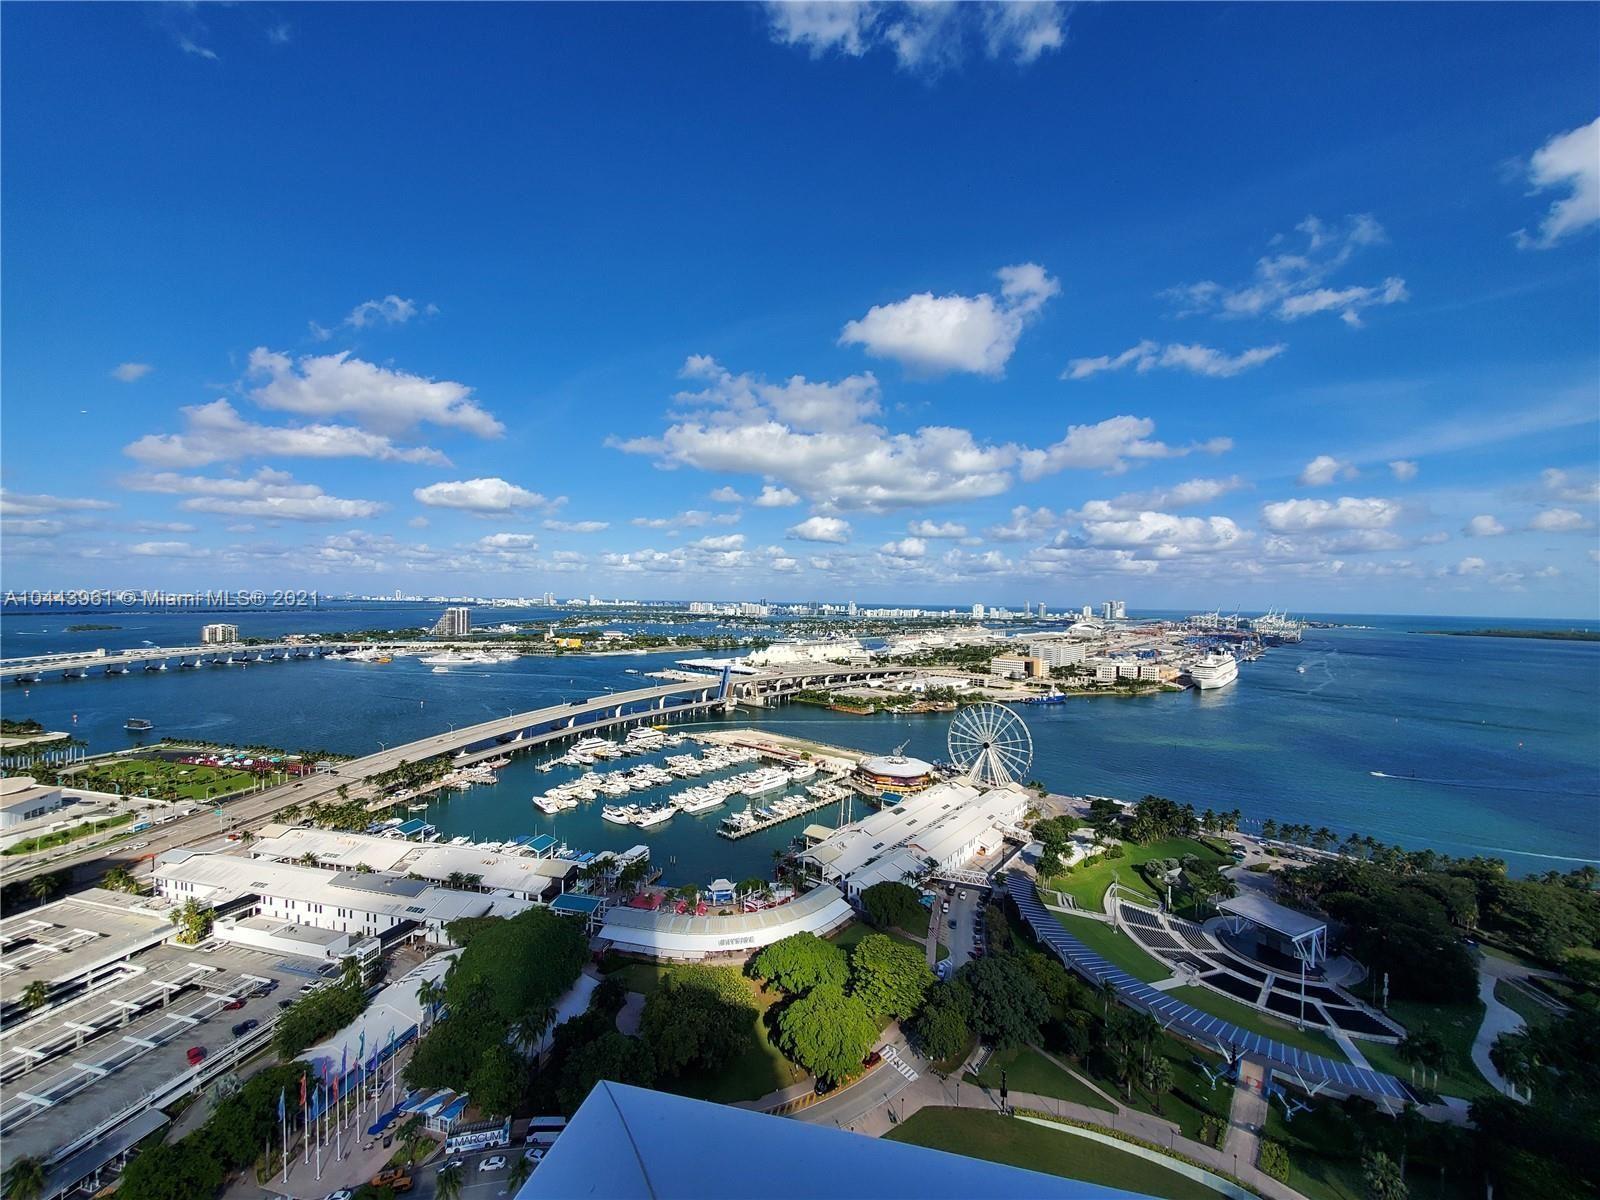 244 Biscayne Blvd #3702, Miami, FL 33132 - #: A10443961